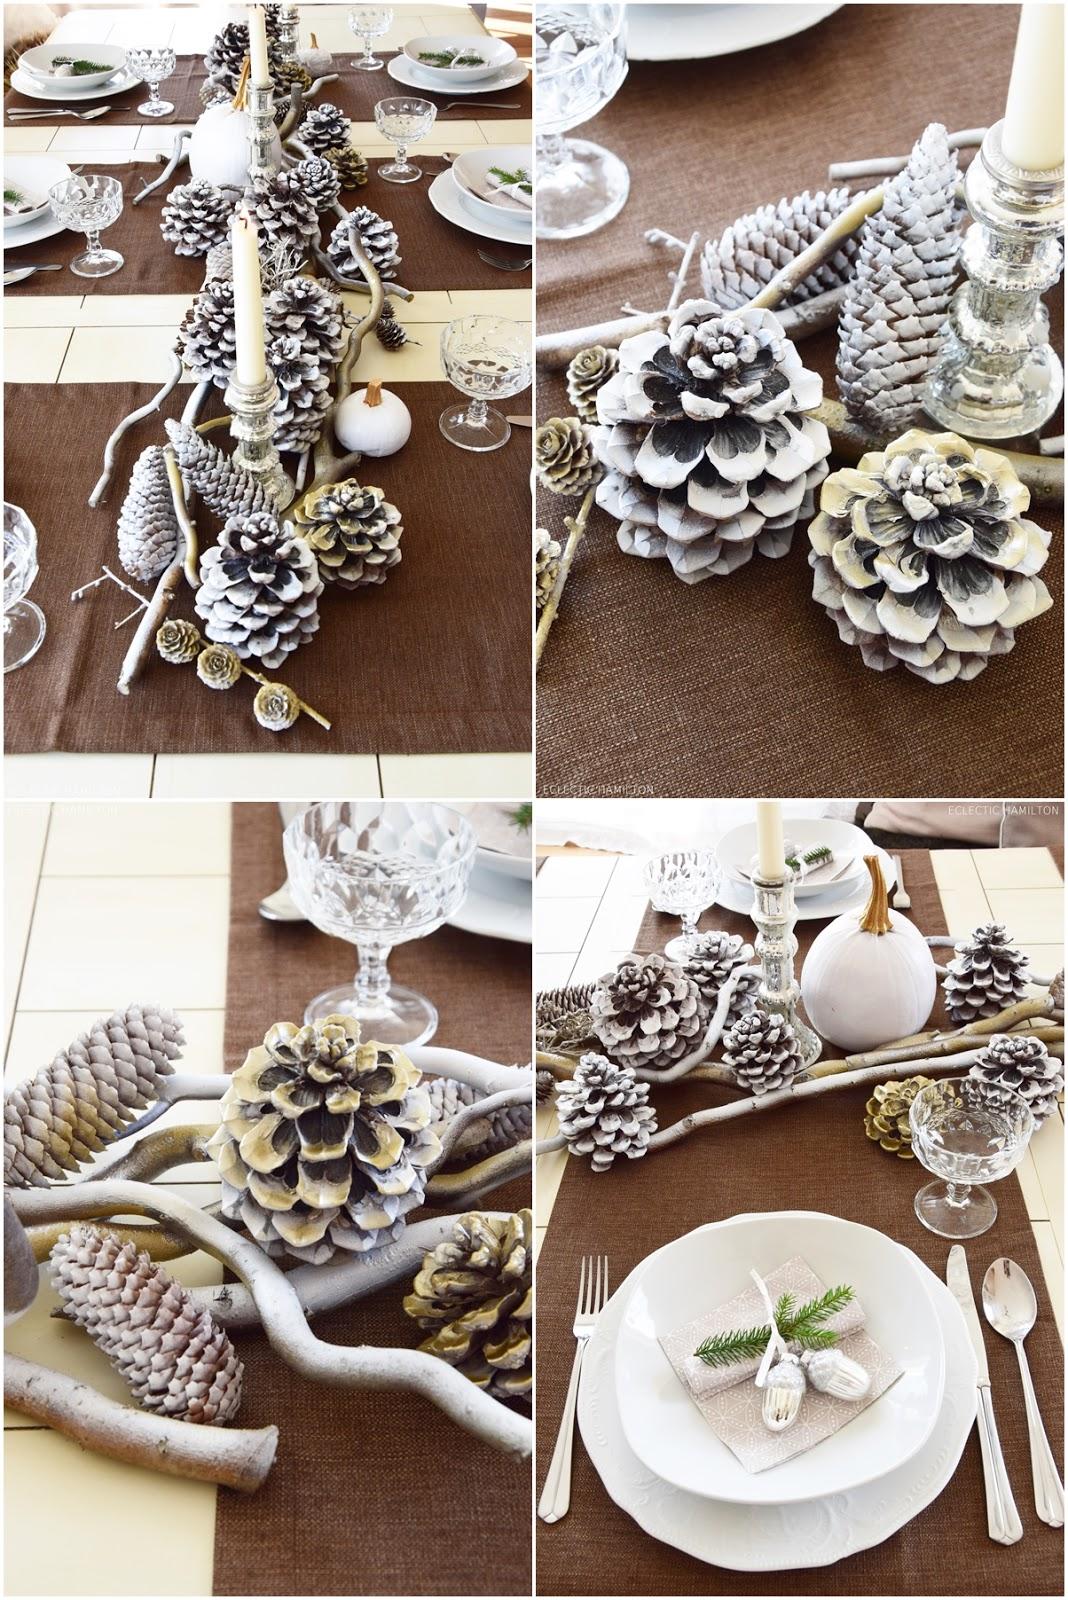 Winterlich festliche tischdeko mit naturmaterialien eclectic hamilton - Tischdekoration naturmaterialien ...